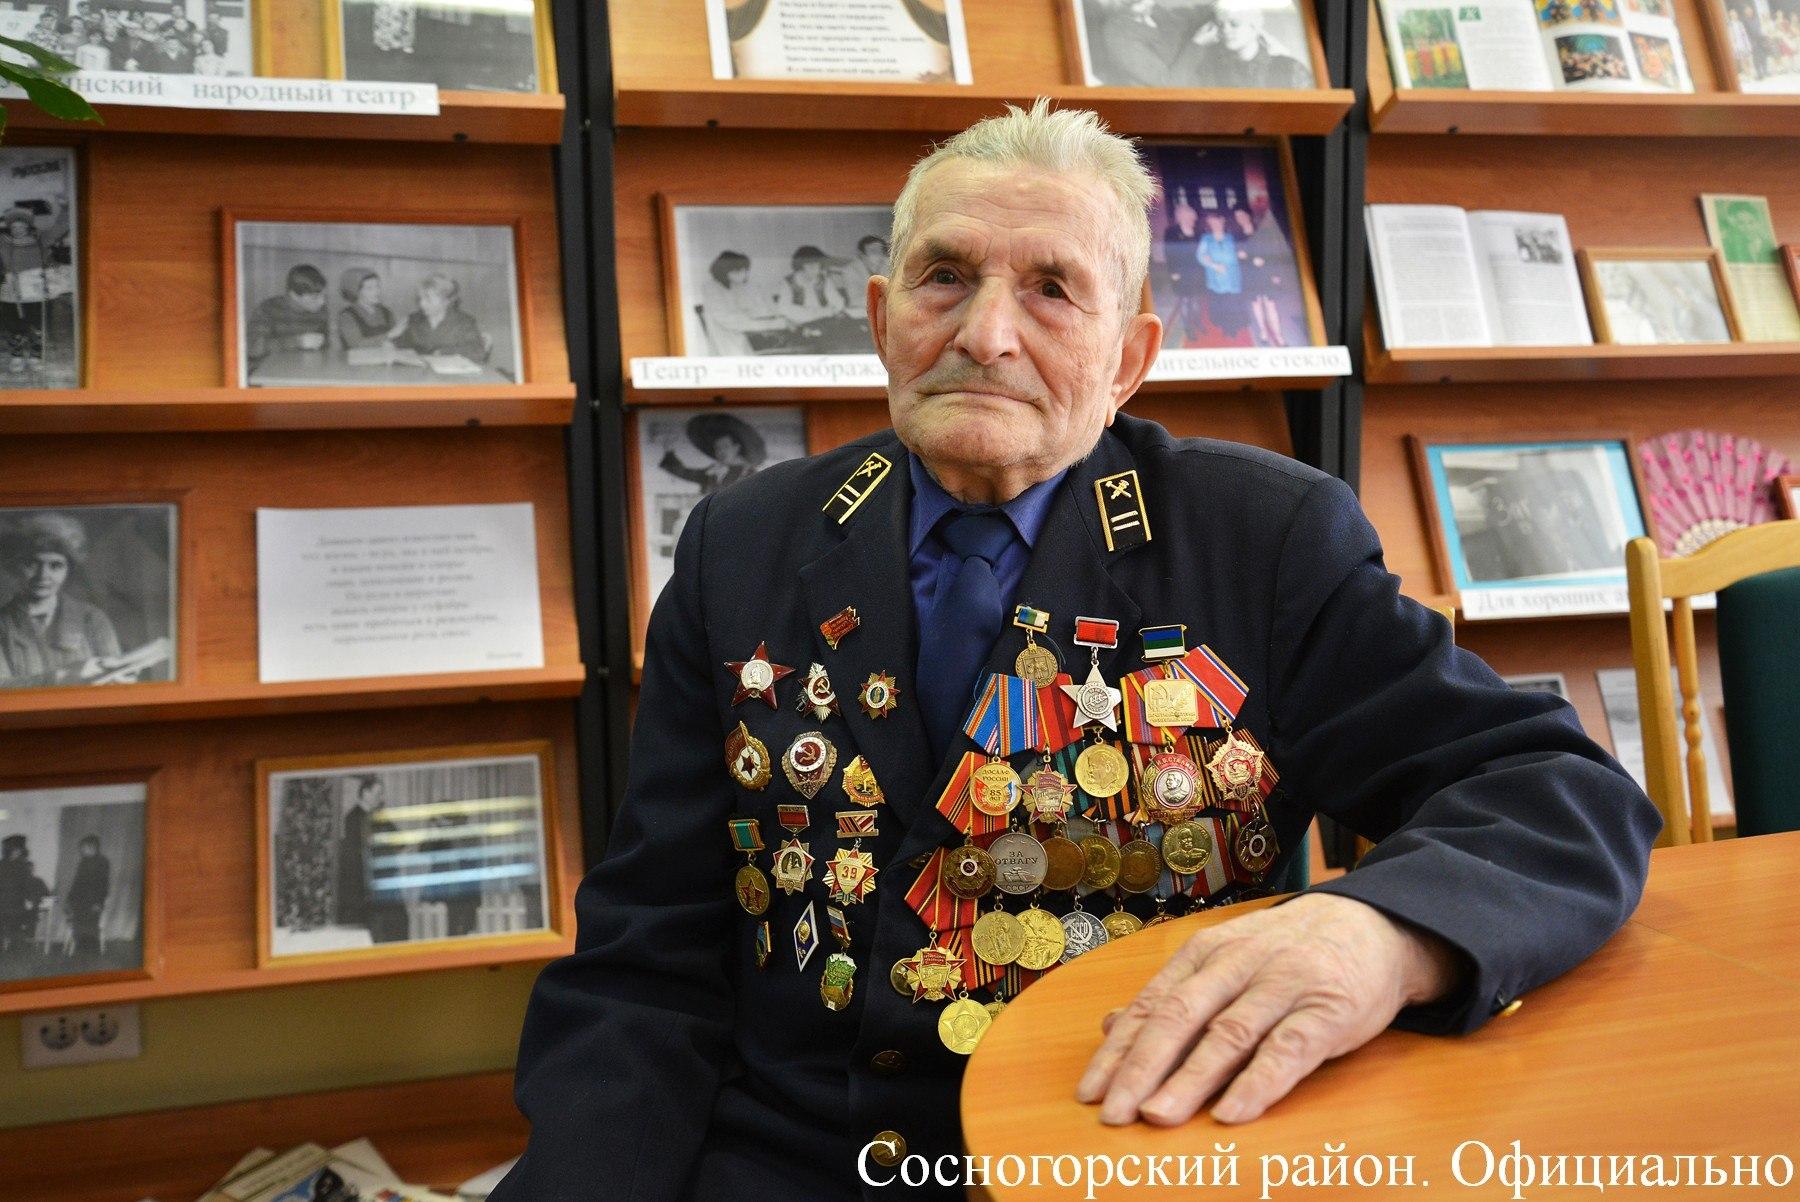 Vstrecha-s-Mihailom-Ivanovichem-Syrokvaschei-04.jpg